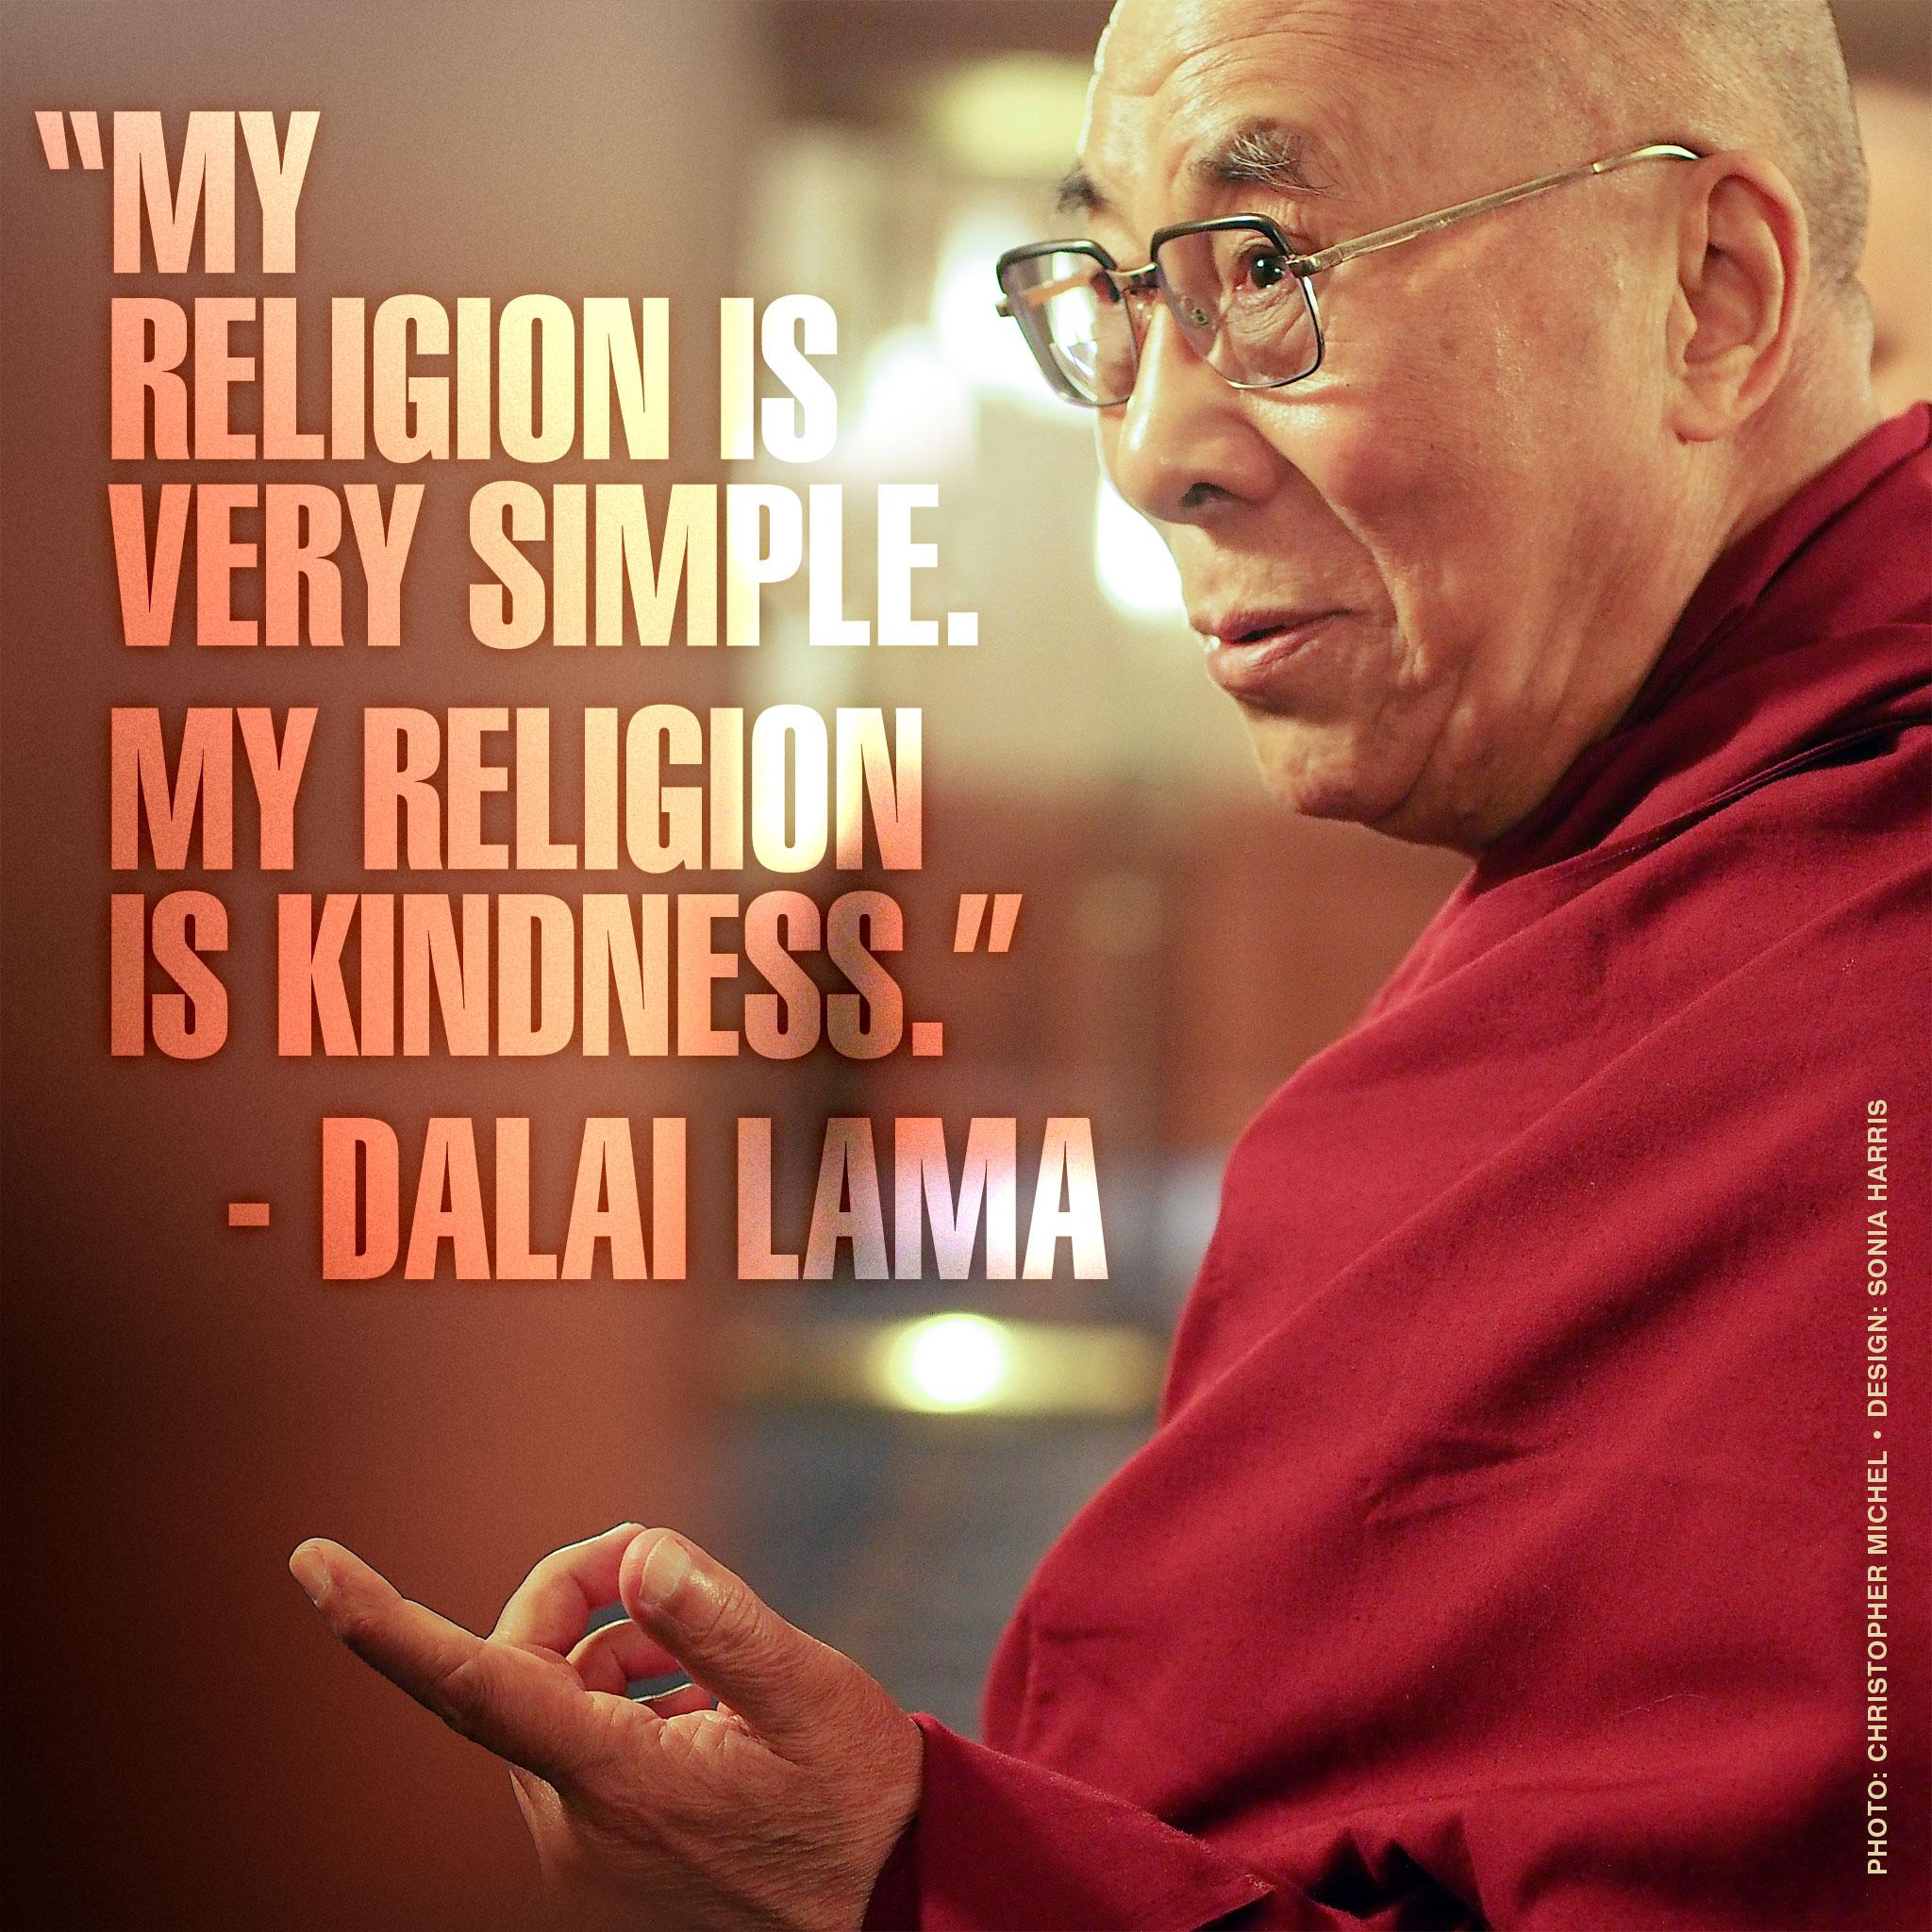 dalaiolympus_20121014_4878b.jpg